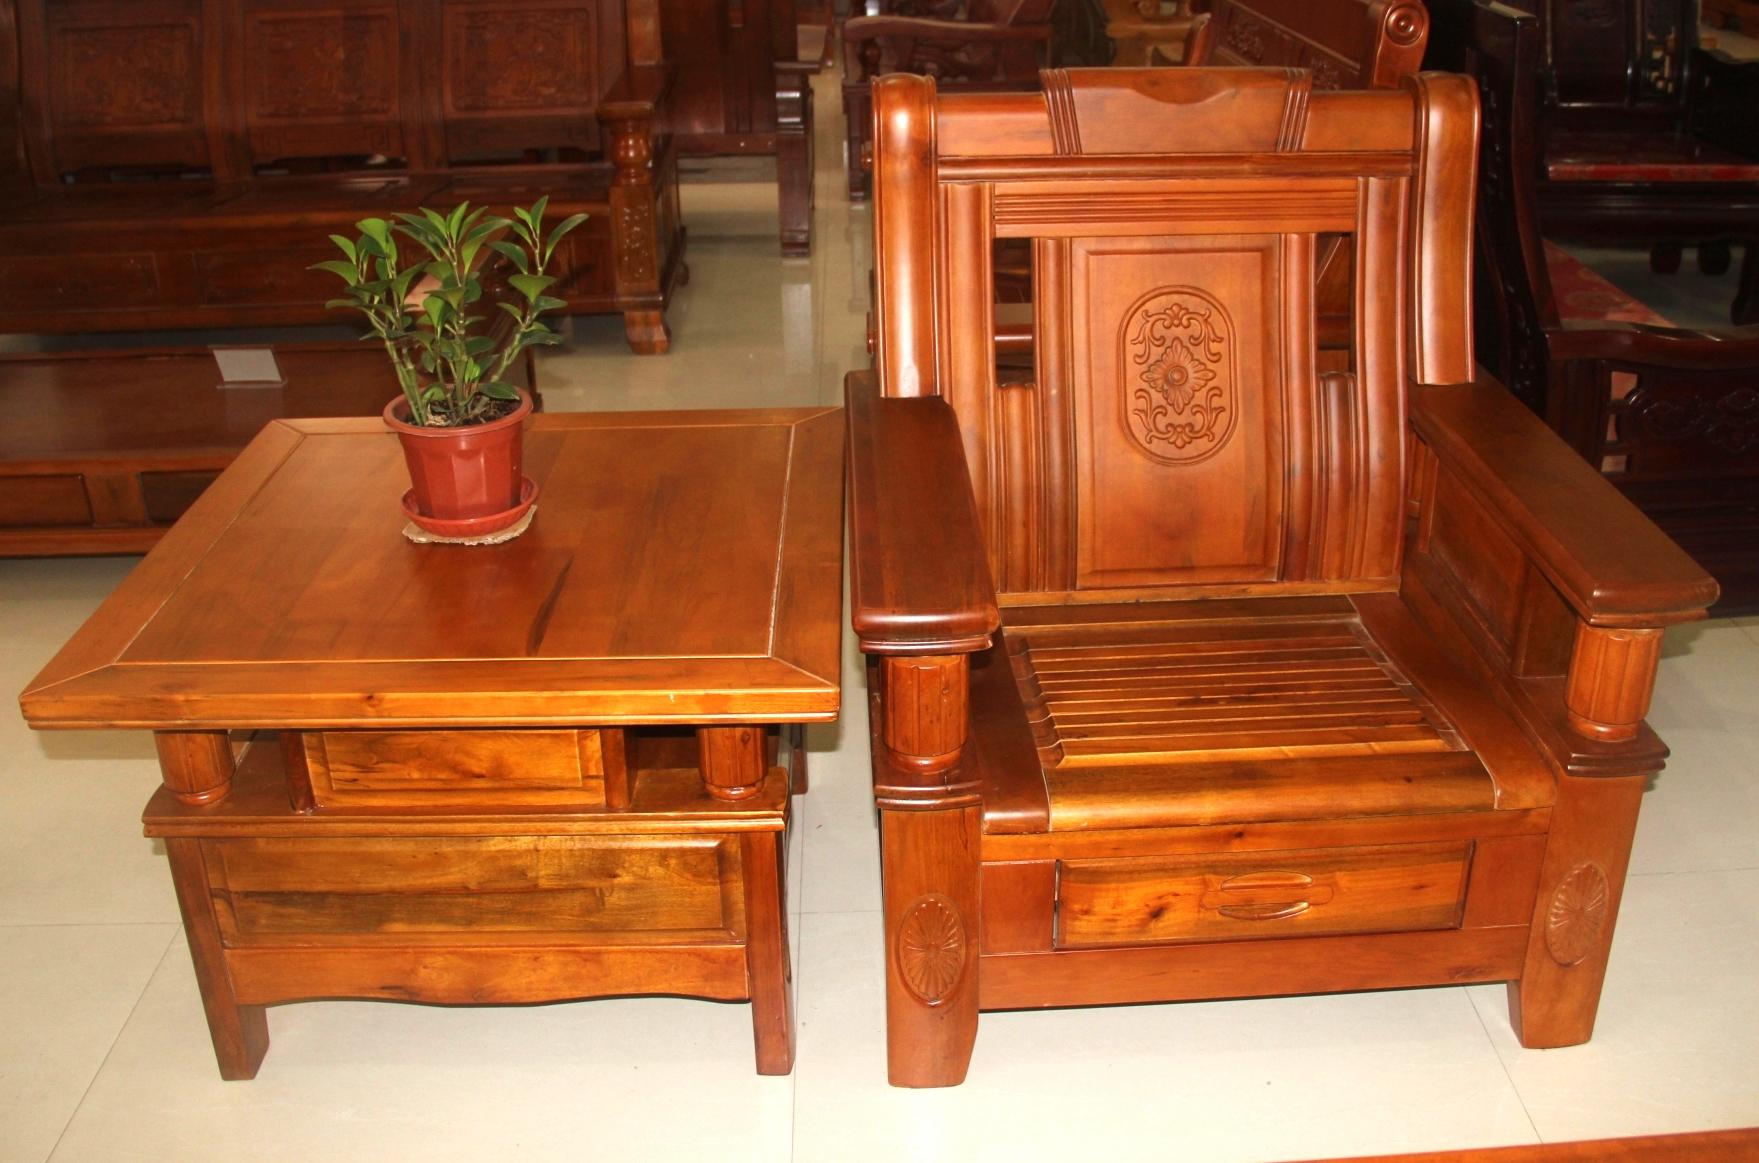 商品列表 03 香樟木沙发   香樟木家具属于传统的稀有名贵木材是我